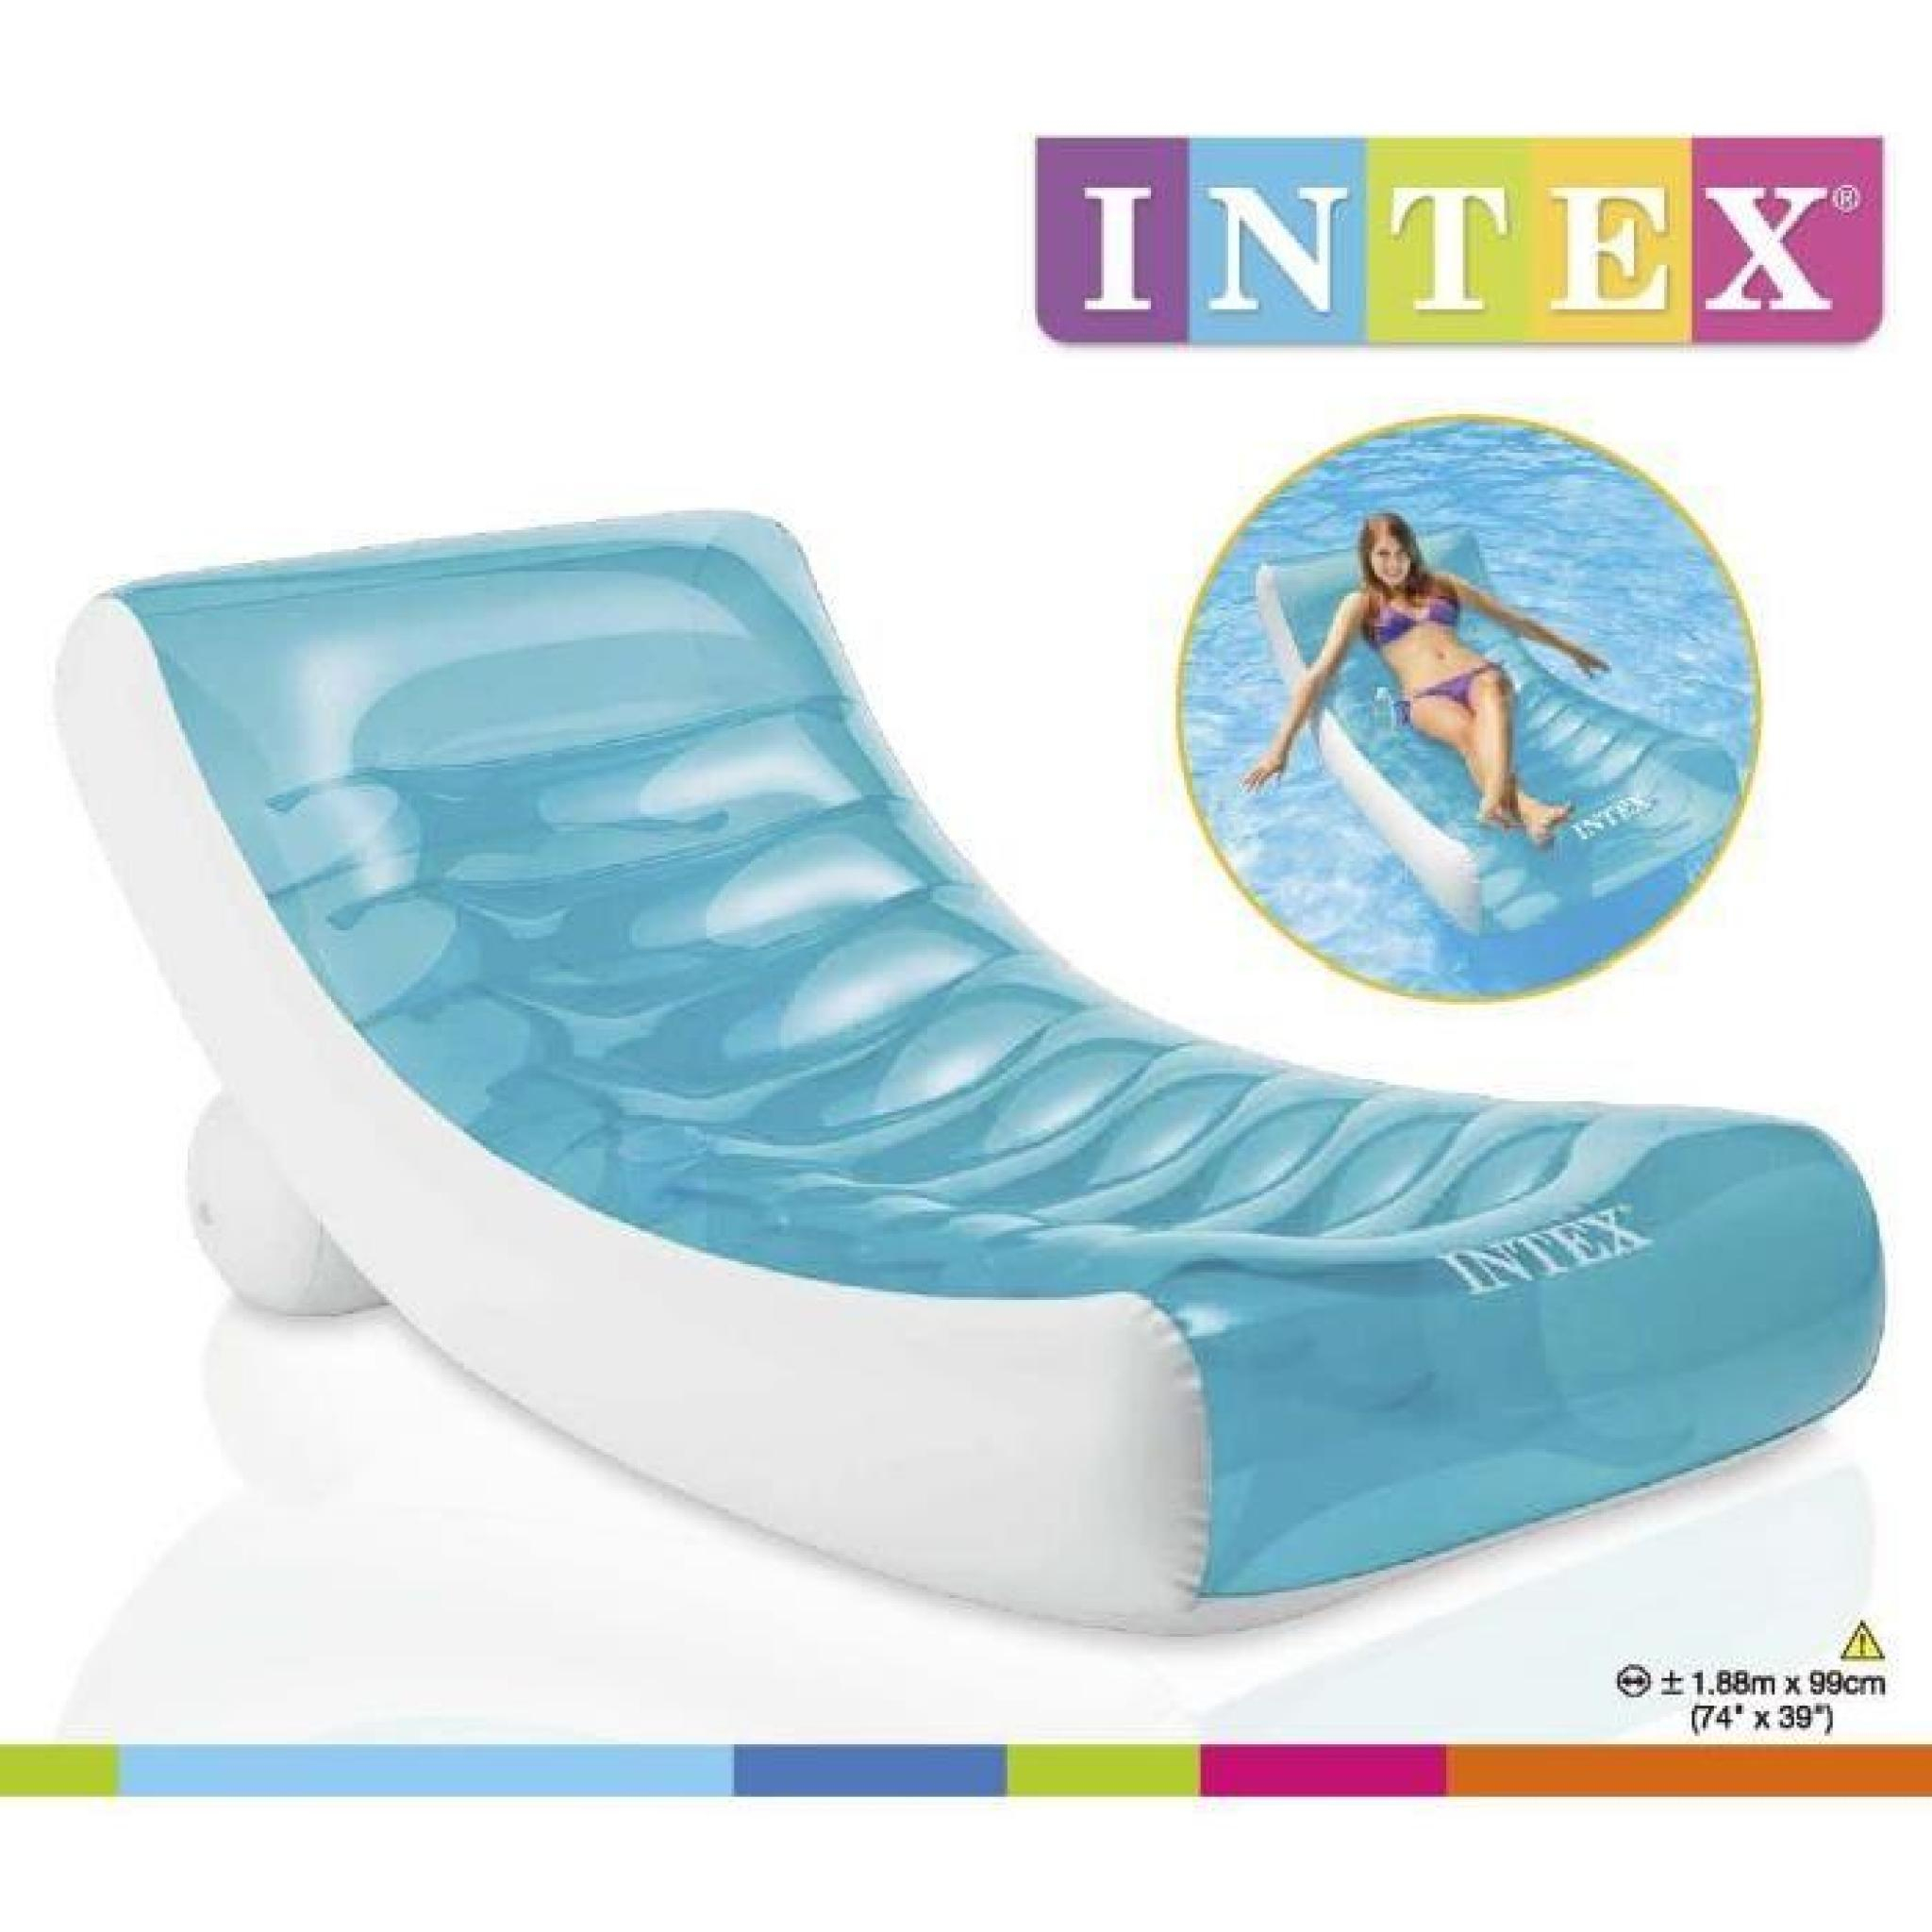 Intex Matelas Gonflable Adulte Pour Piscine Lounge 188 X 99 Cm pour Matelas Piscine Intex